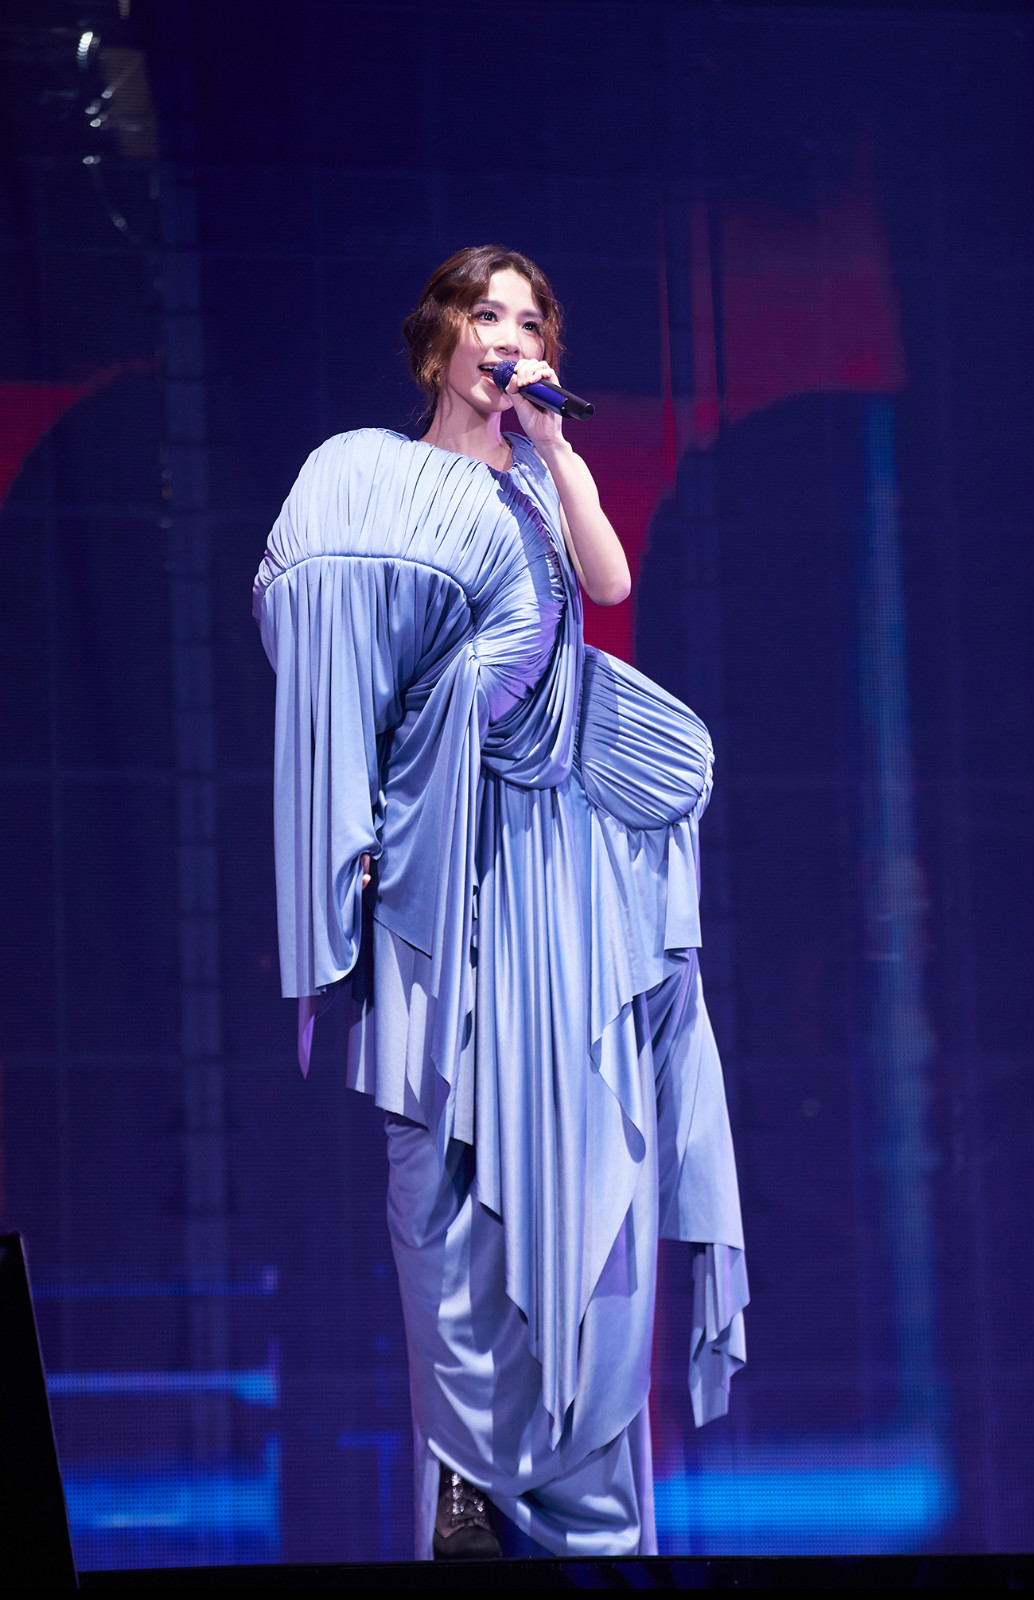 谢谢你听我唱歌!田馥甄巡回演唱会感性告白回应粉丝